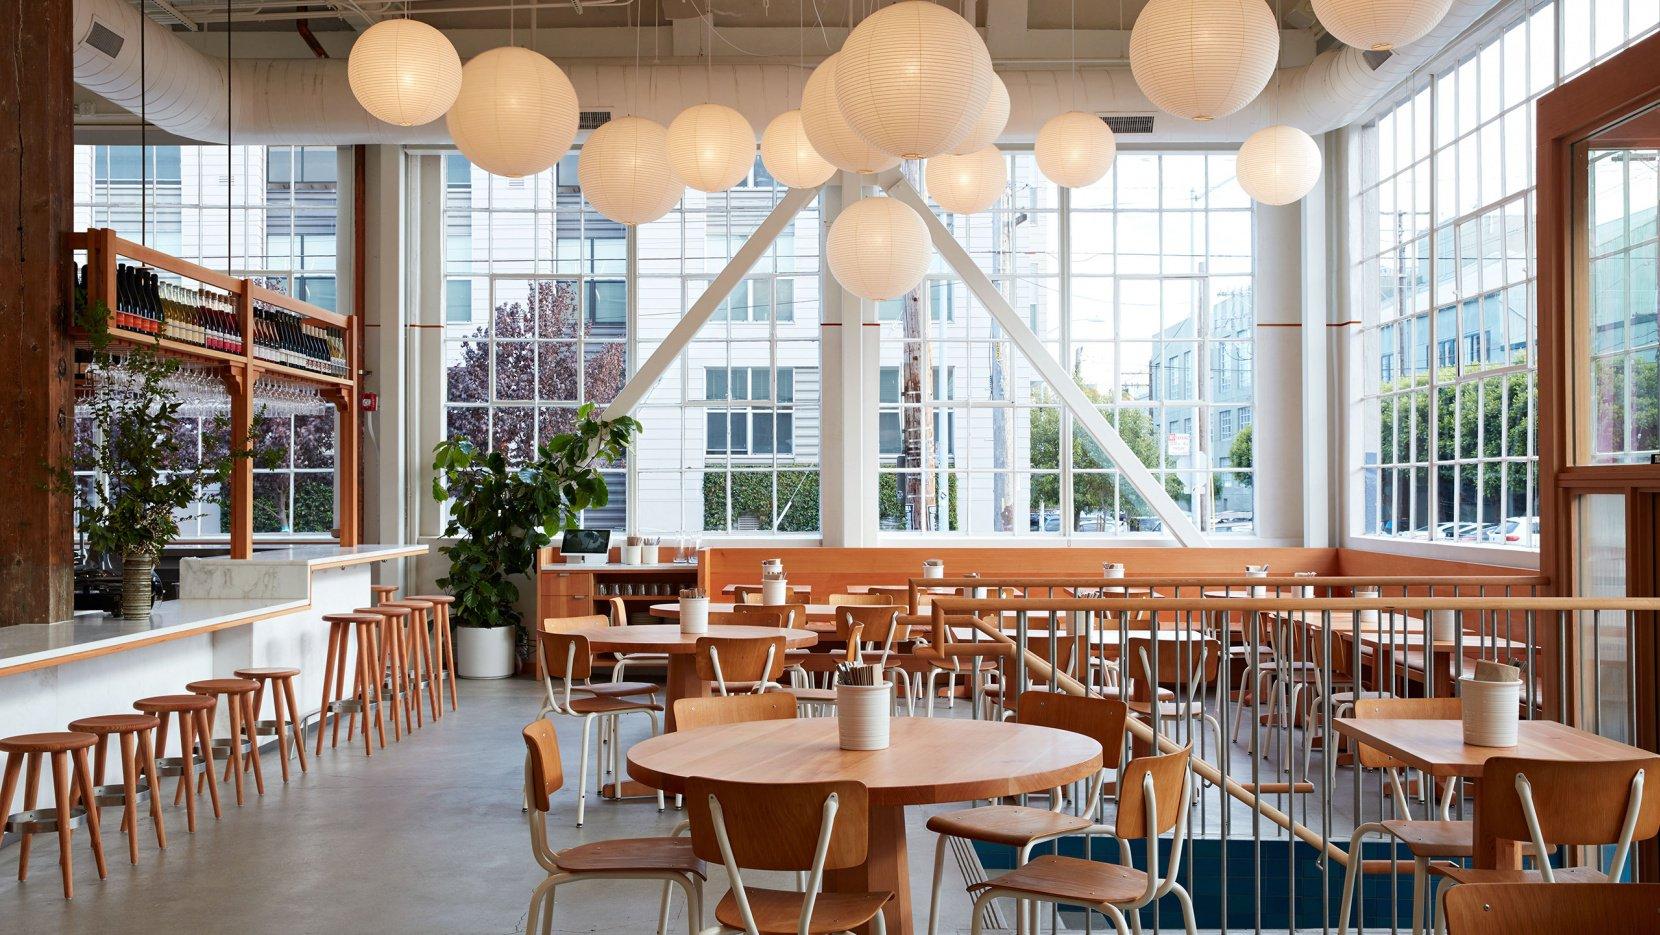 面包工坊主题西餐厅就餐区设计